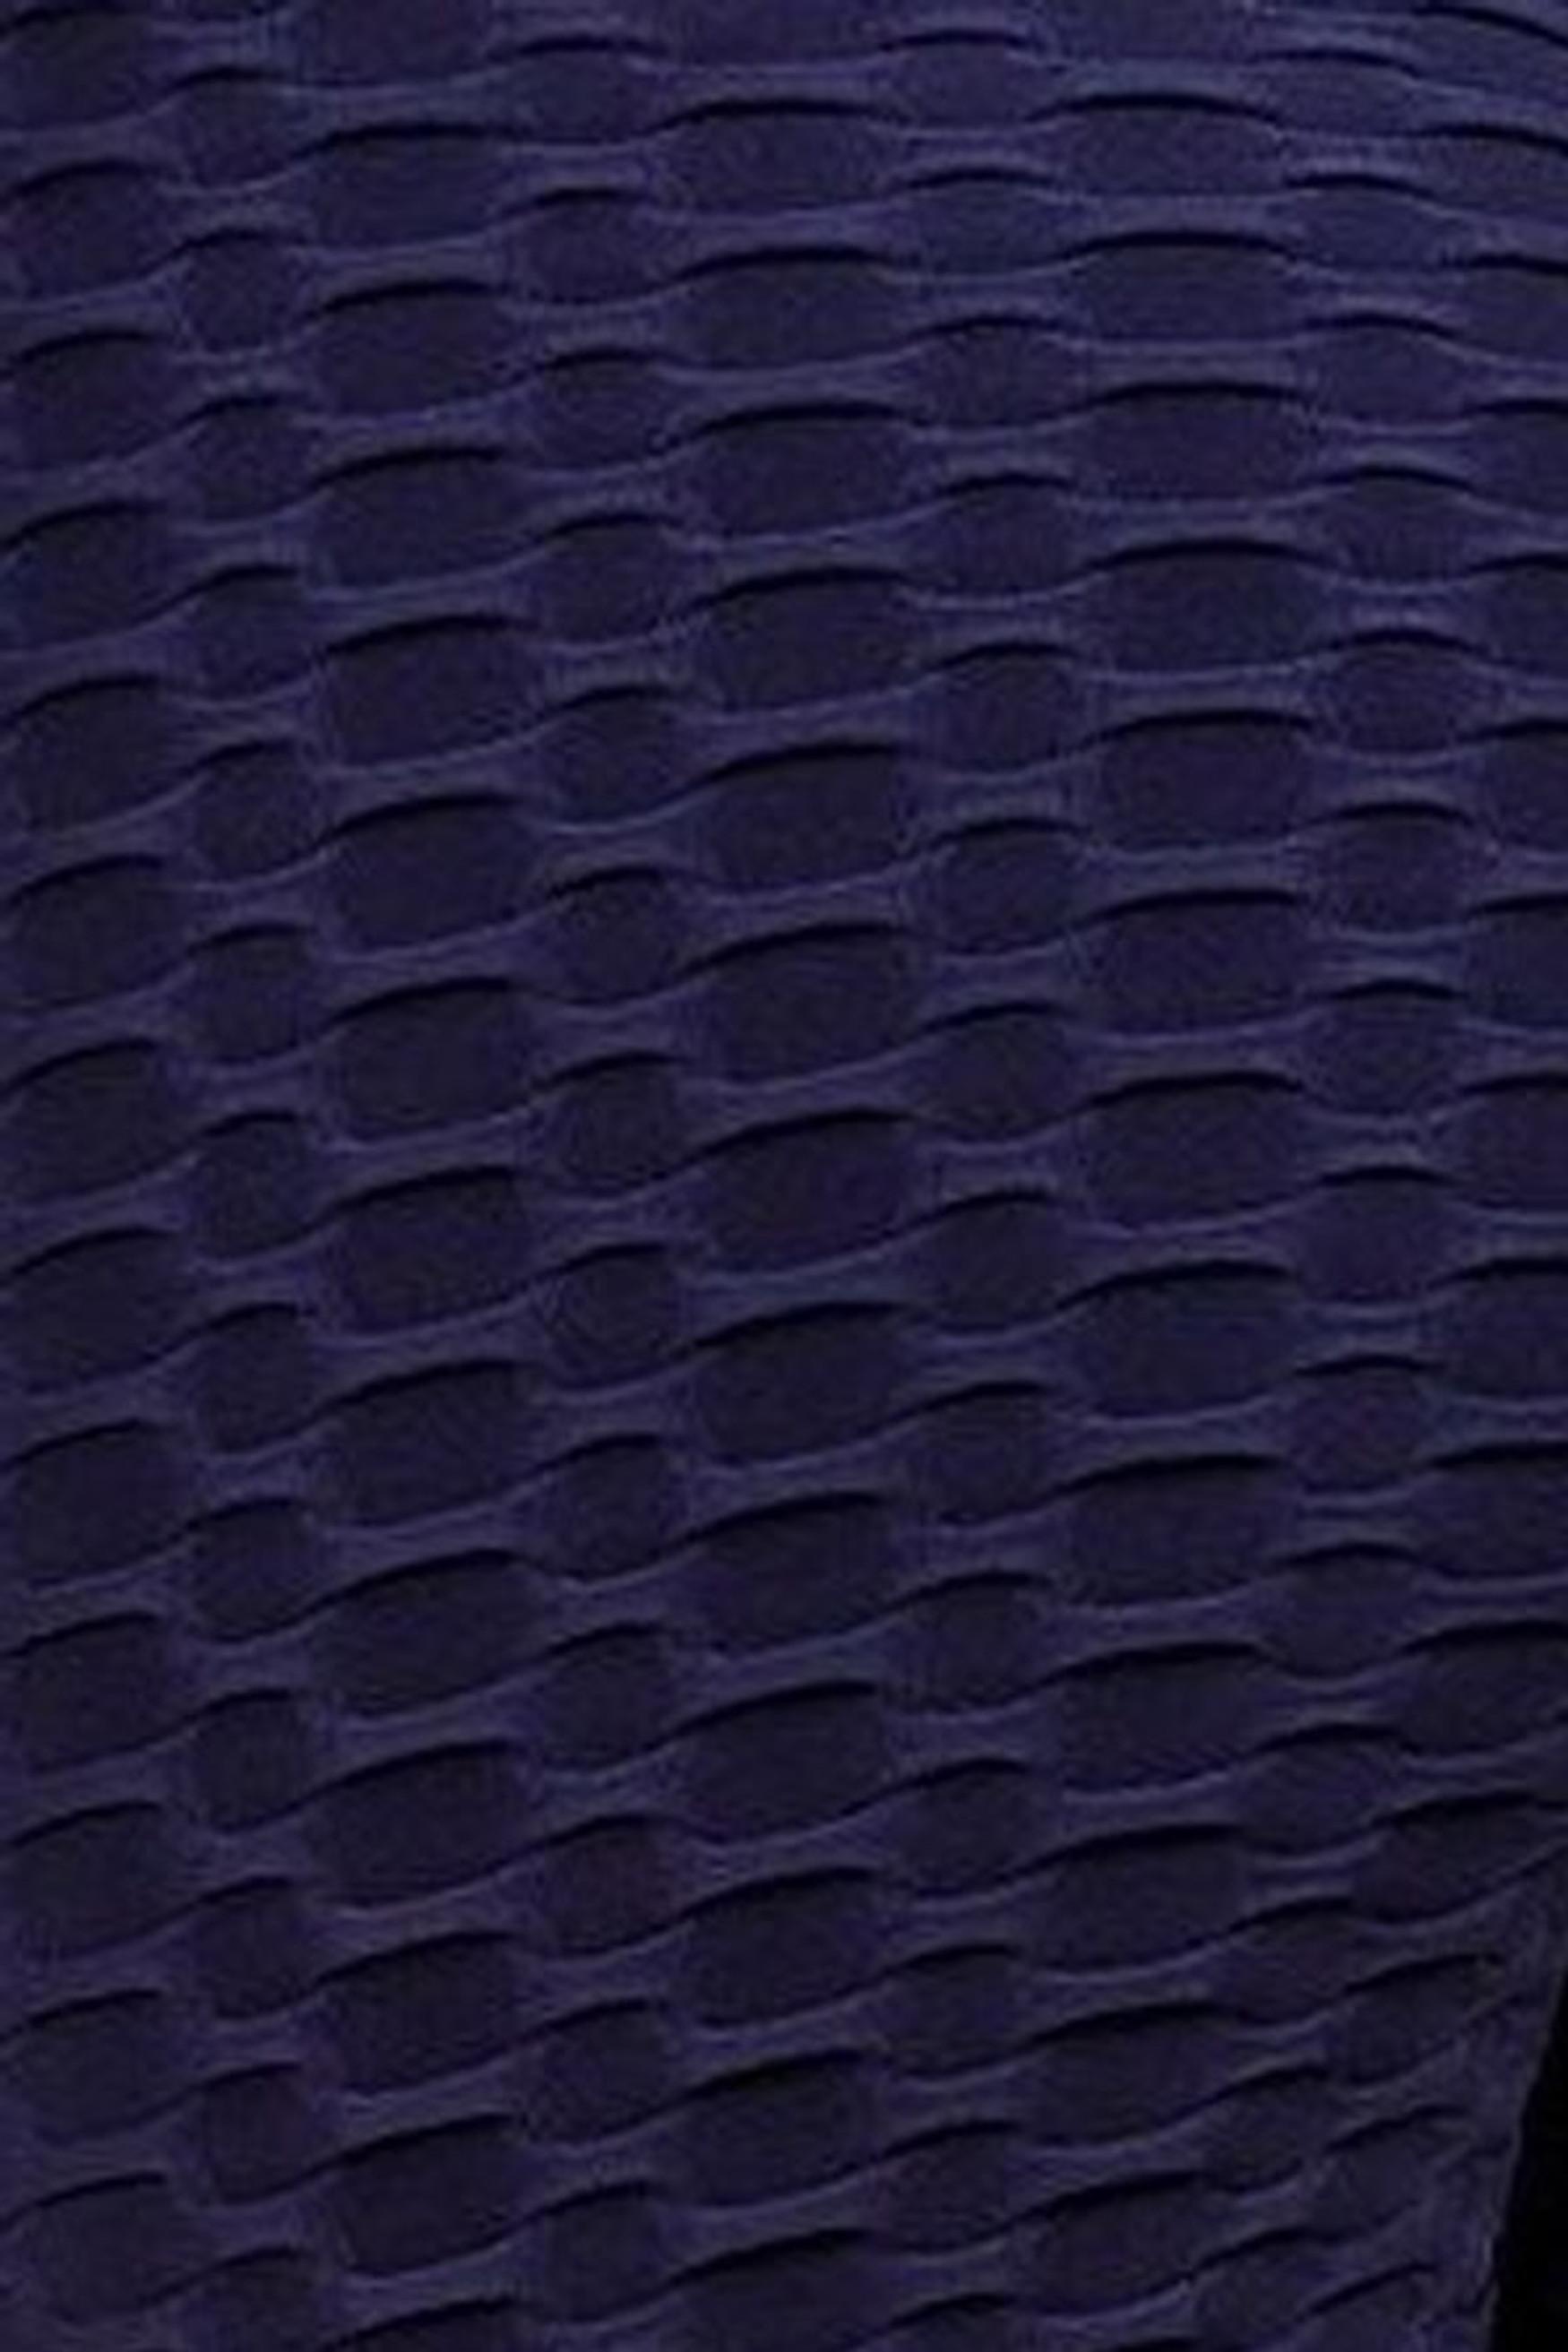 Navy 2 Piece Scrunch Butt Shorts and Crisscross Crop Top Set